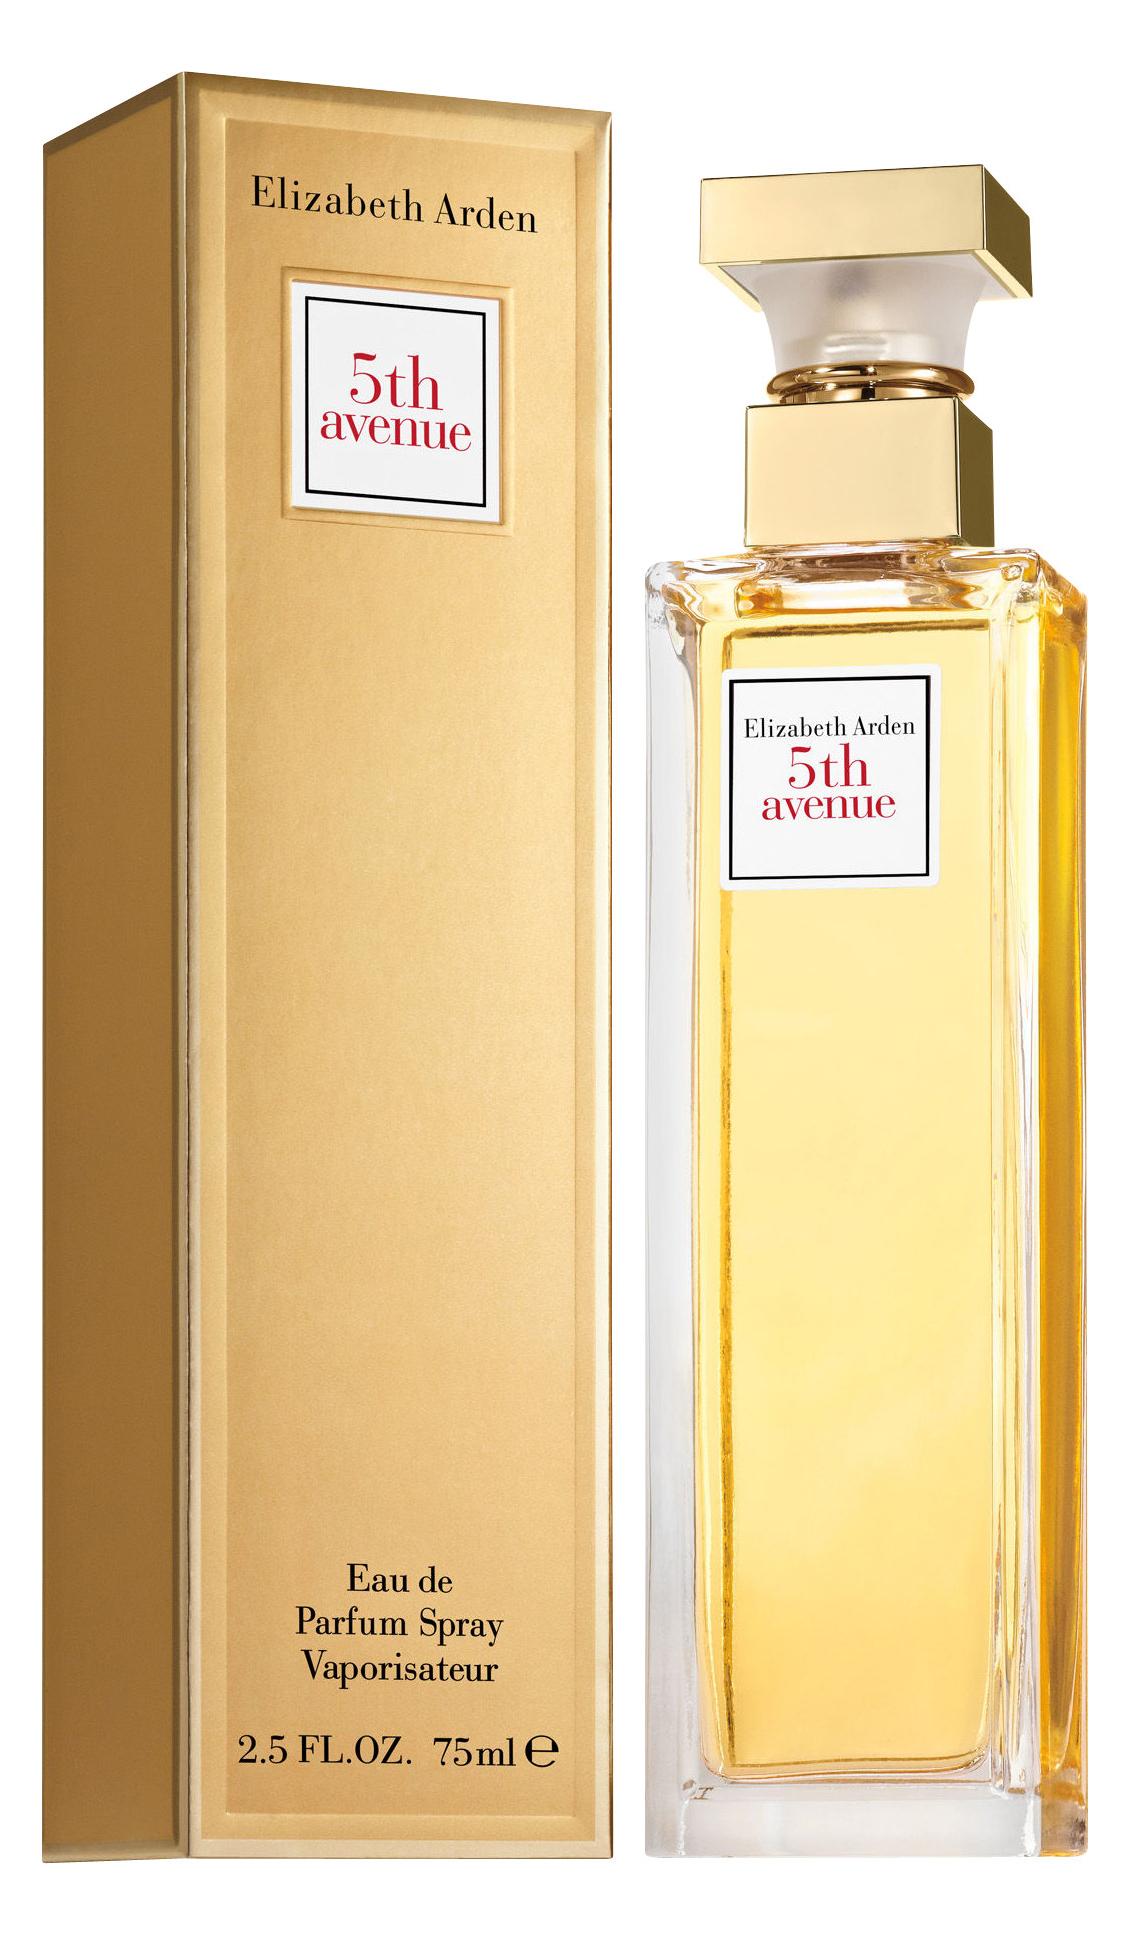 Arden Eau Avenue 5th Dcoexbr Parfumreviews Elizabeth De rdxoWeCB